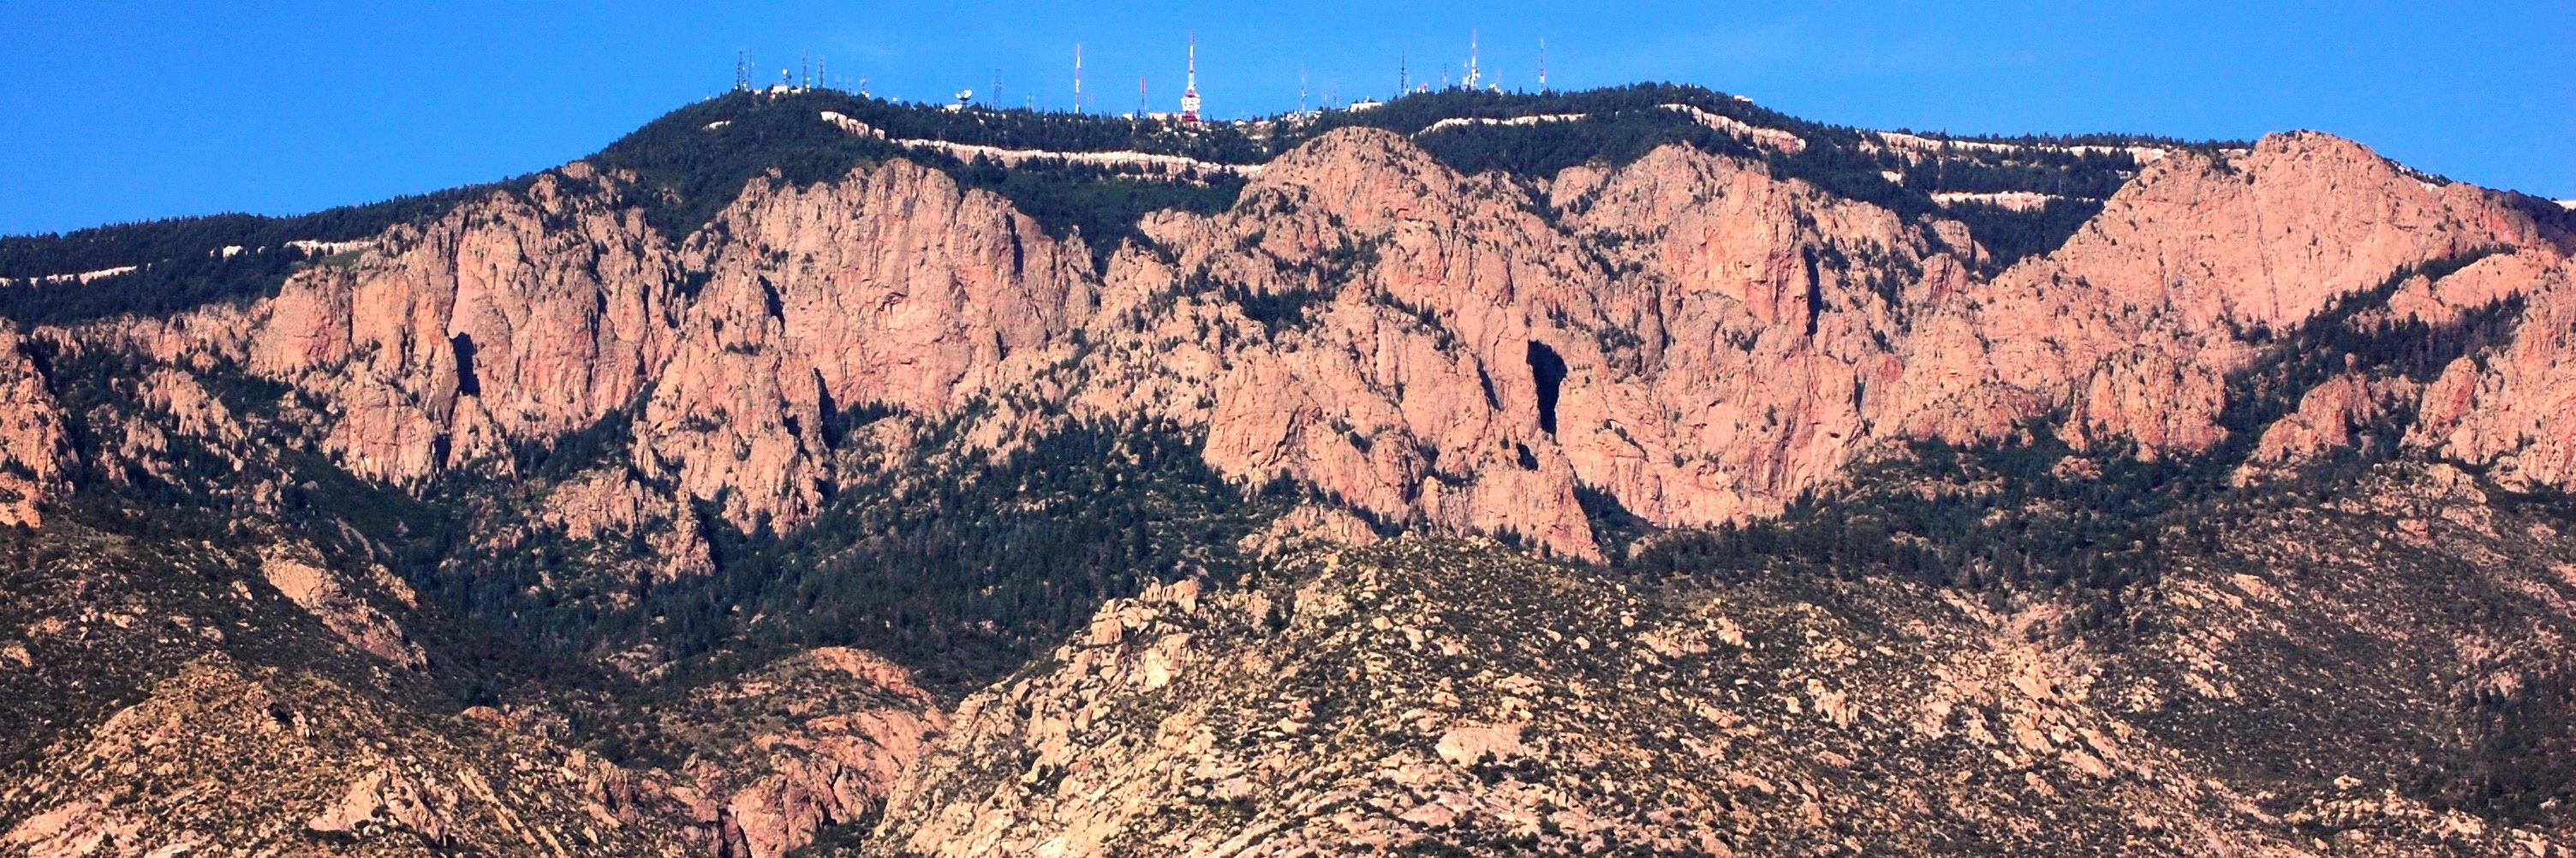 [Image: Sandia_Crest%2C_Albuquerque_PP_AB.JPG]